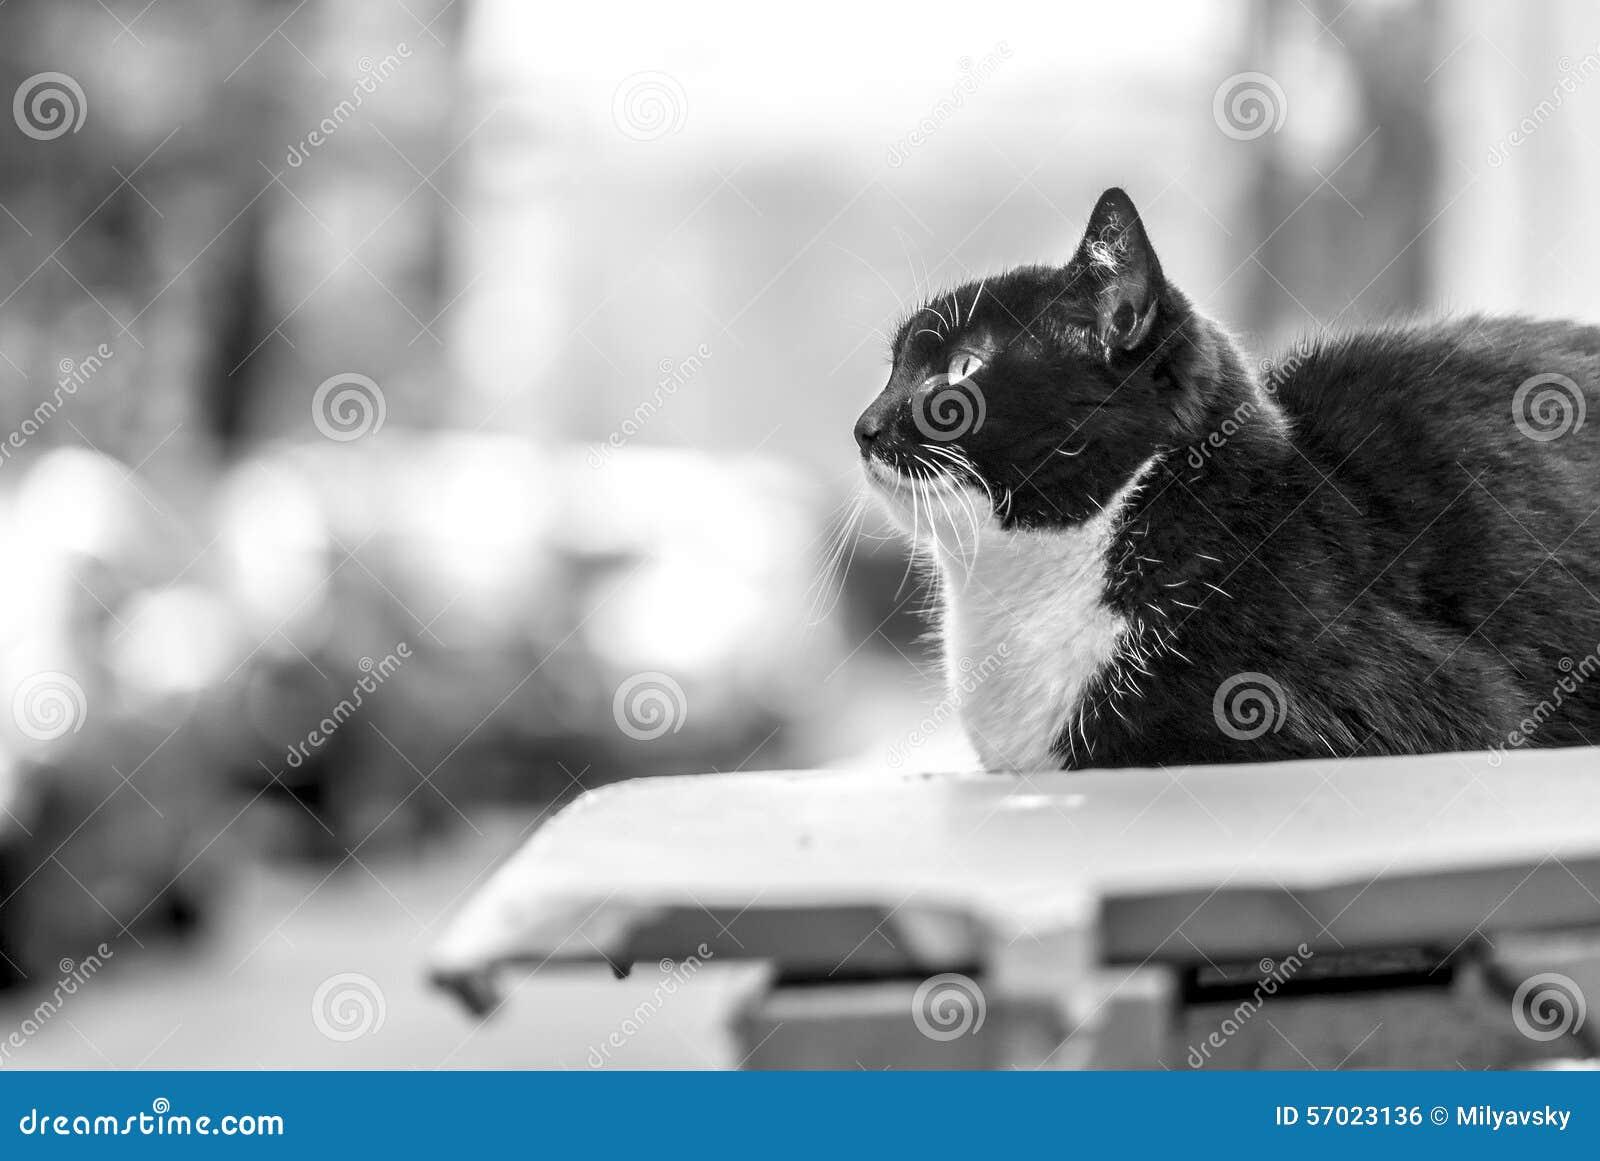 在街道上的猫,独立神色(BW)